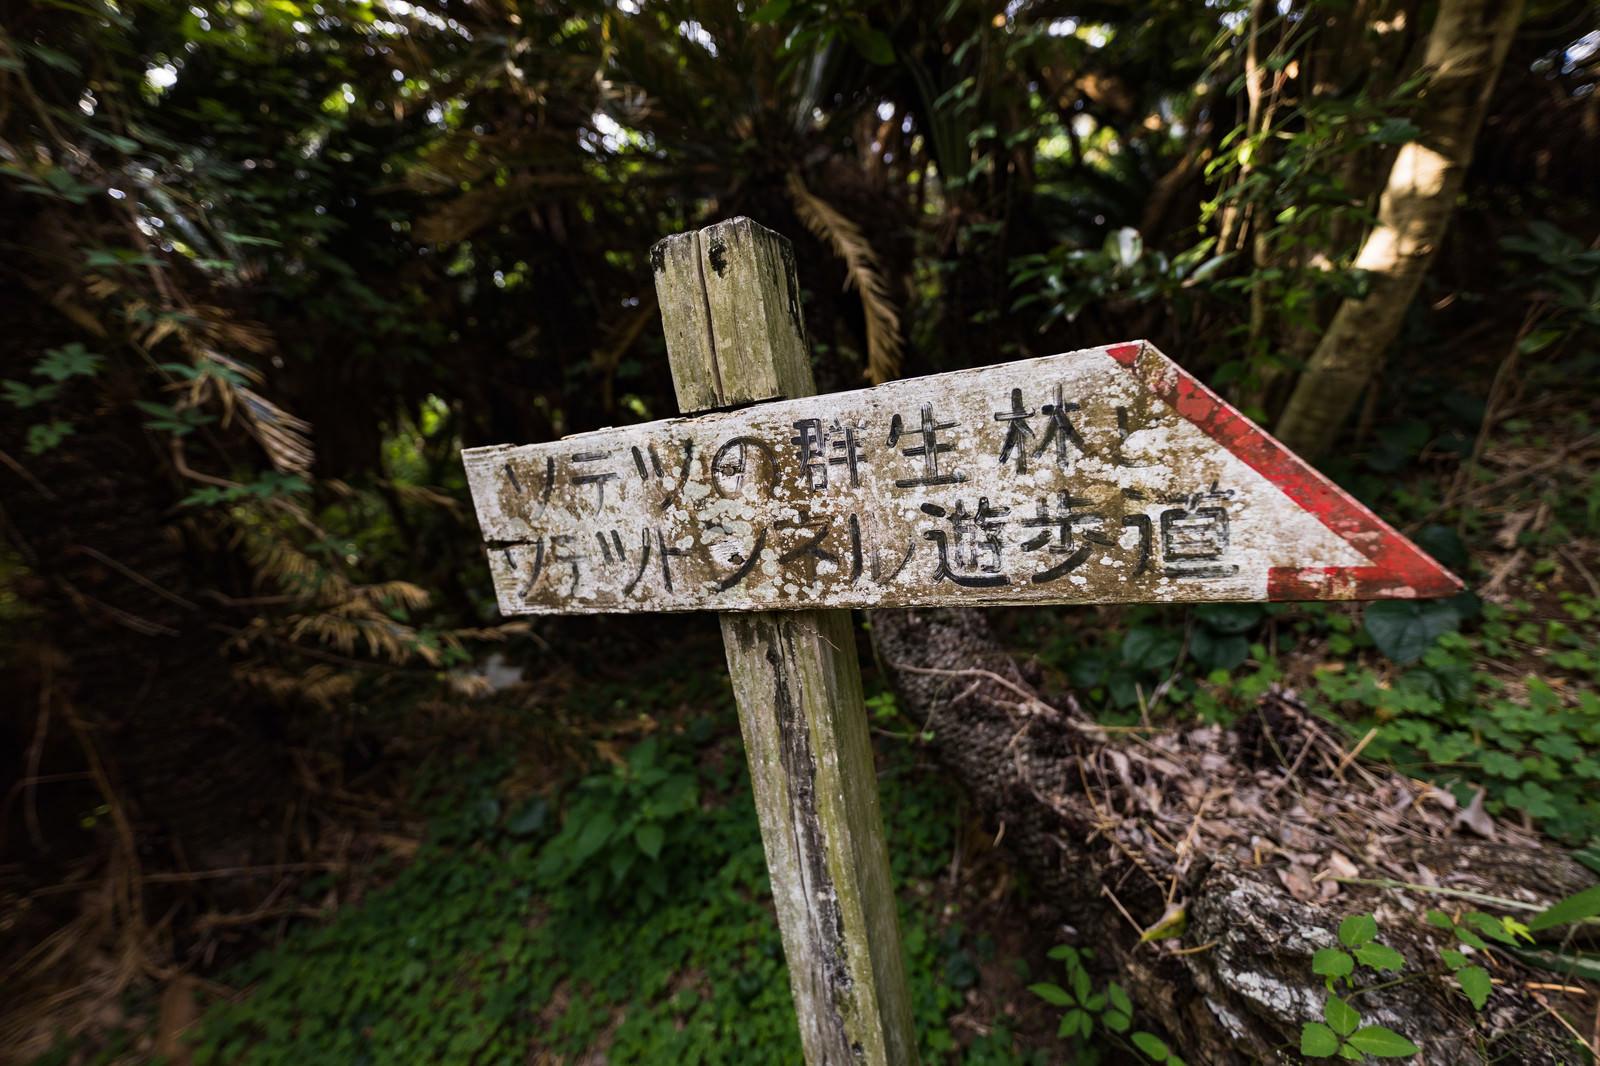 「「ソテツの群生林とソテツトンネル遊歩道」と書かれた道標」の写真